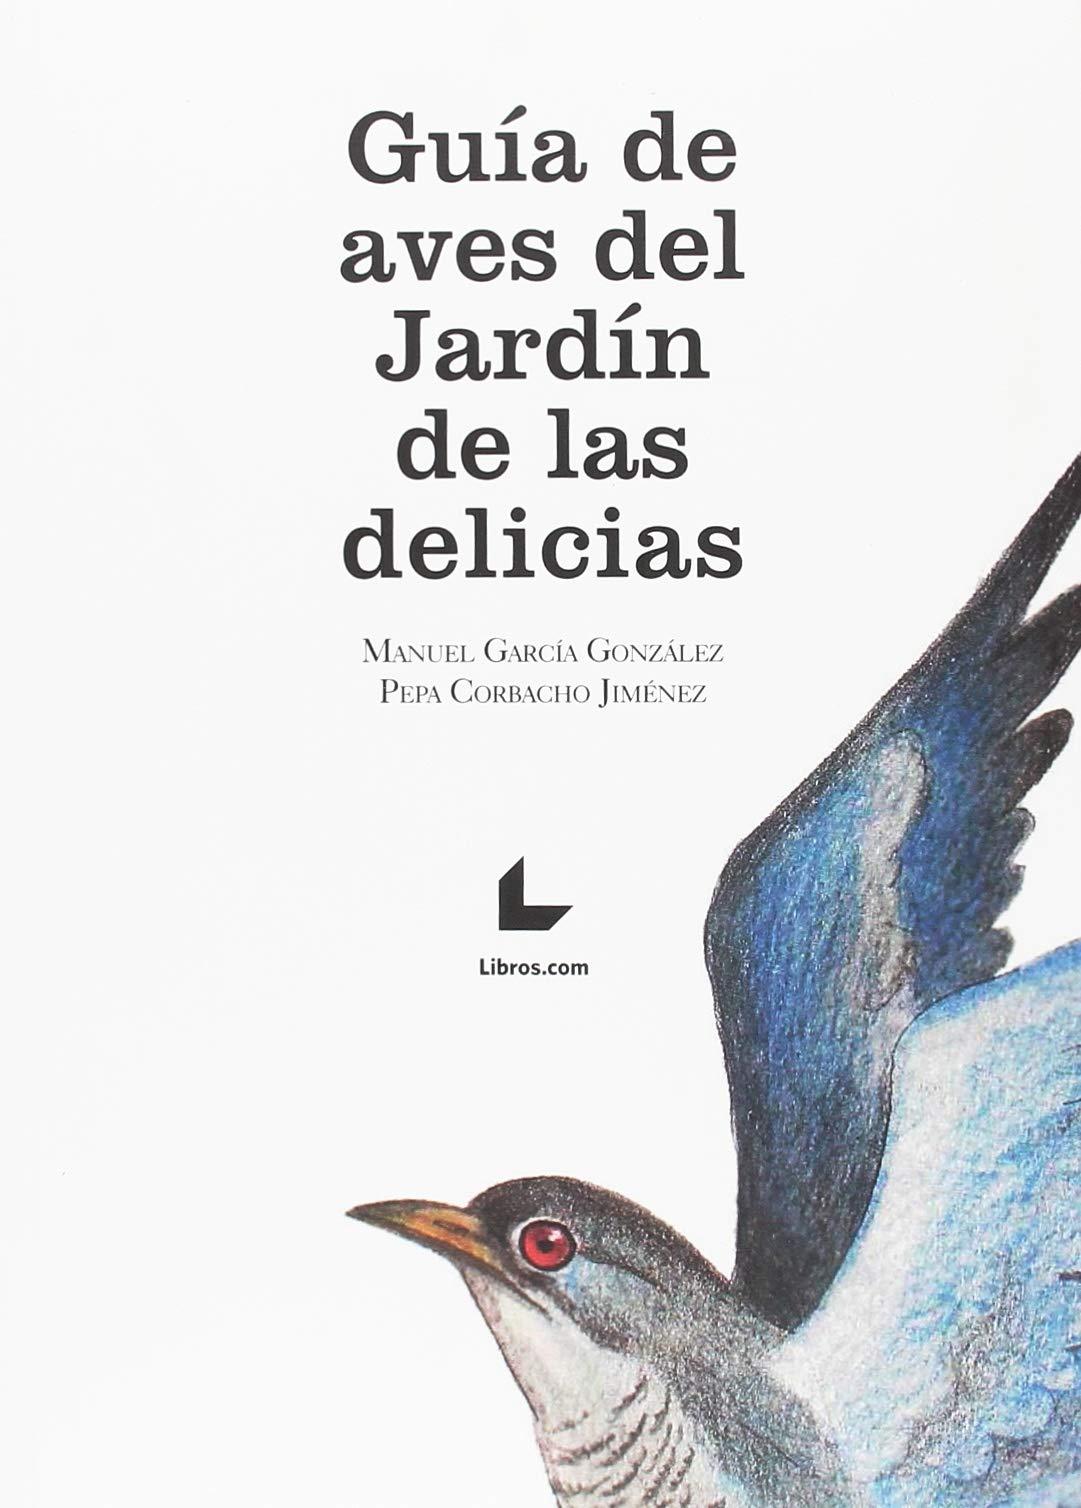 GUÍA DE AVES DEL JARDÍN DE LAS DELICIAS: Amazon.es: GARCIA GONZALEZ, MANUEL, CORBACHO JIMENEZ, PEPA: Libros